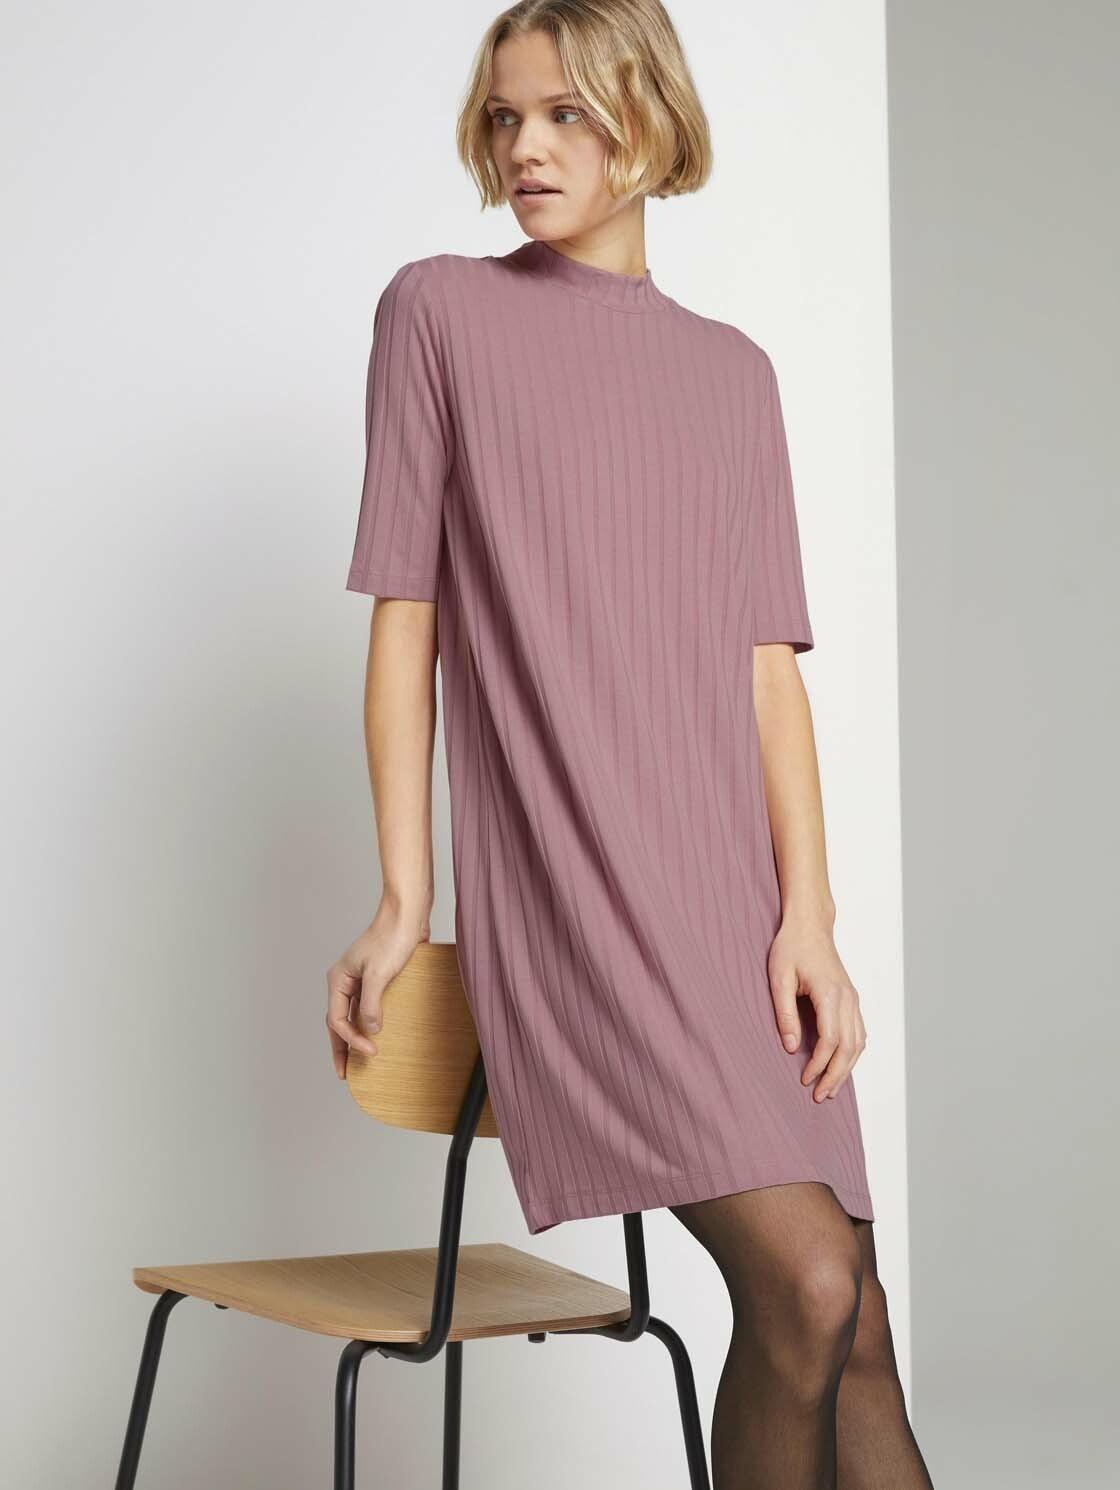 tom tailor denim -  Jerseykleid Kurzes Ripp Kleid mit Stehkragen